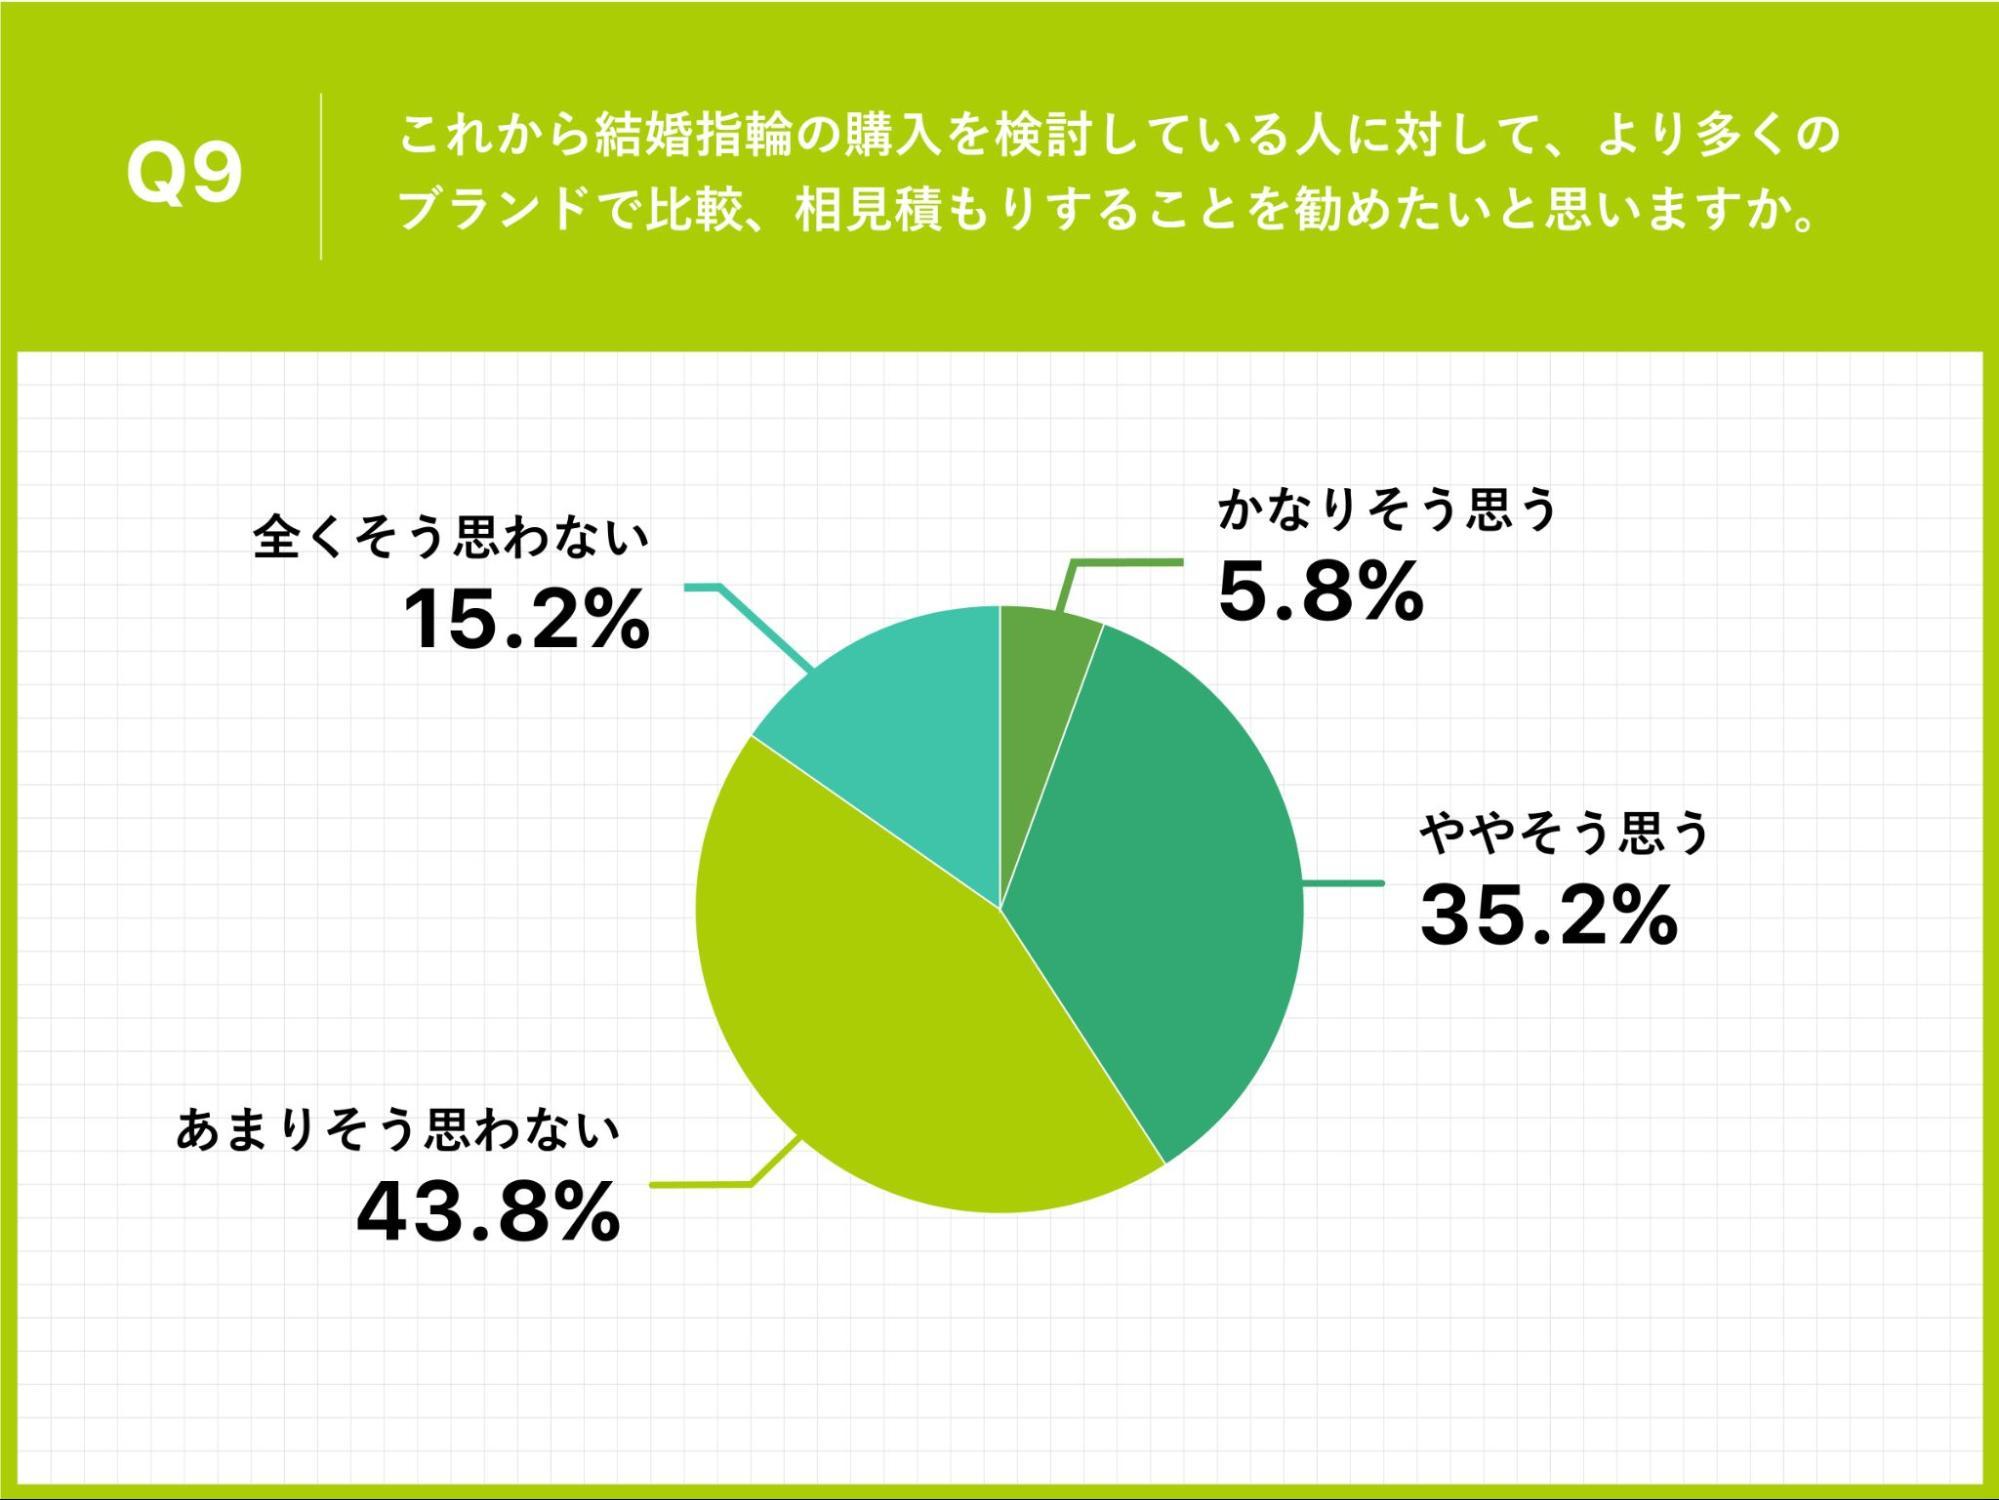 Q9.これから結婚指輪の購入を検討している人に対して、より多くのブランドで比較、相見積もりすることを勧めたいと思いますか